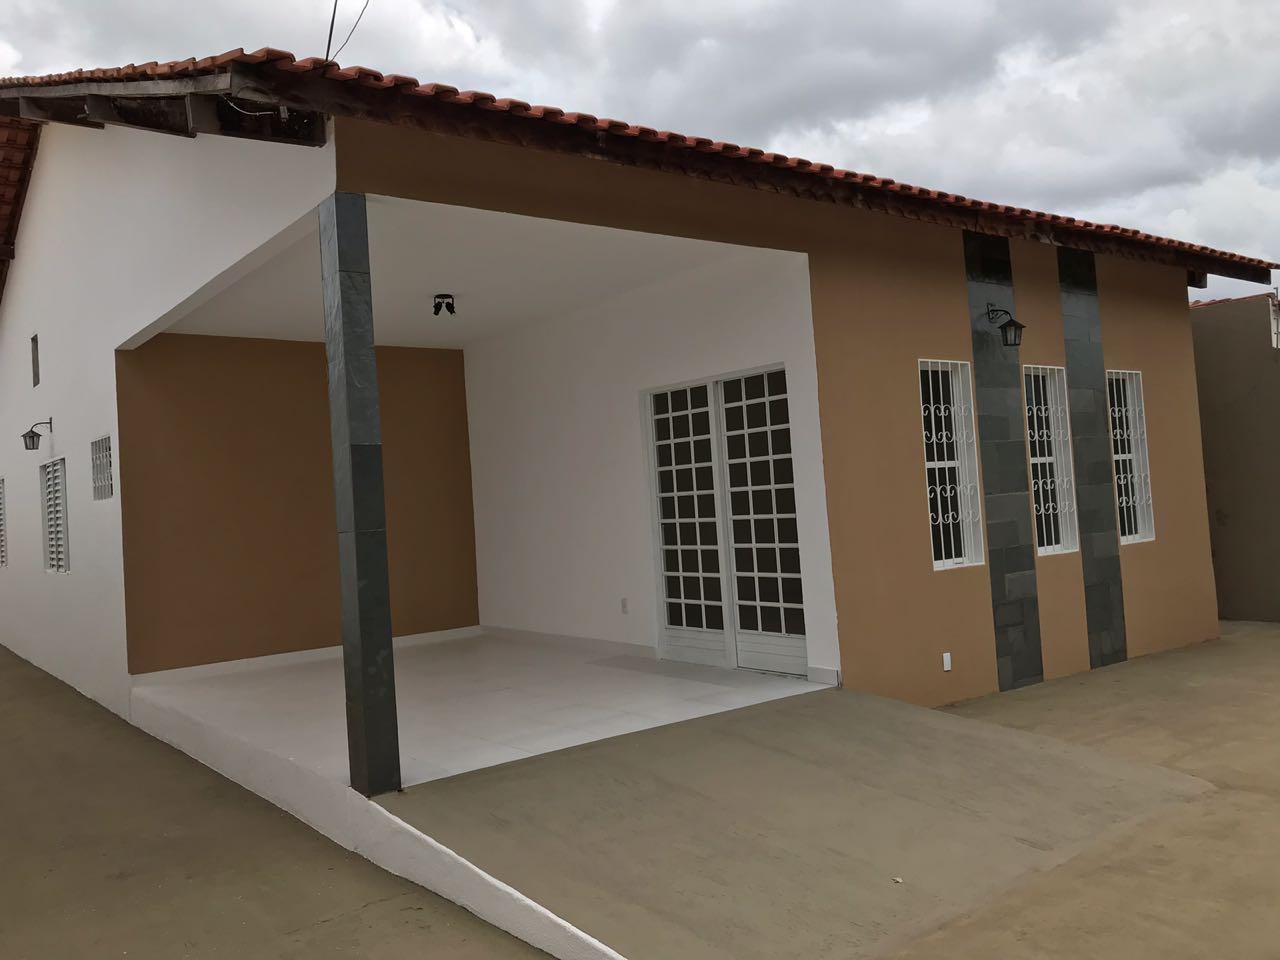 Casa à venda,  com 3 quartos sendo 1 suite no Boa Esperança em Cuiabá MT 101 11915